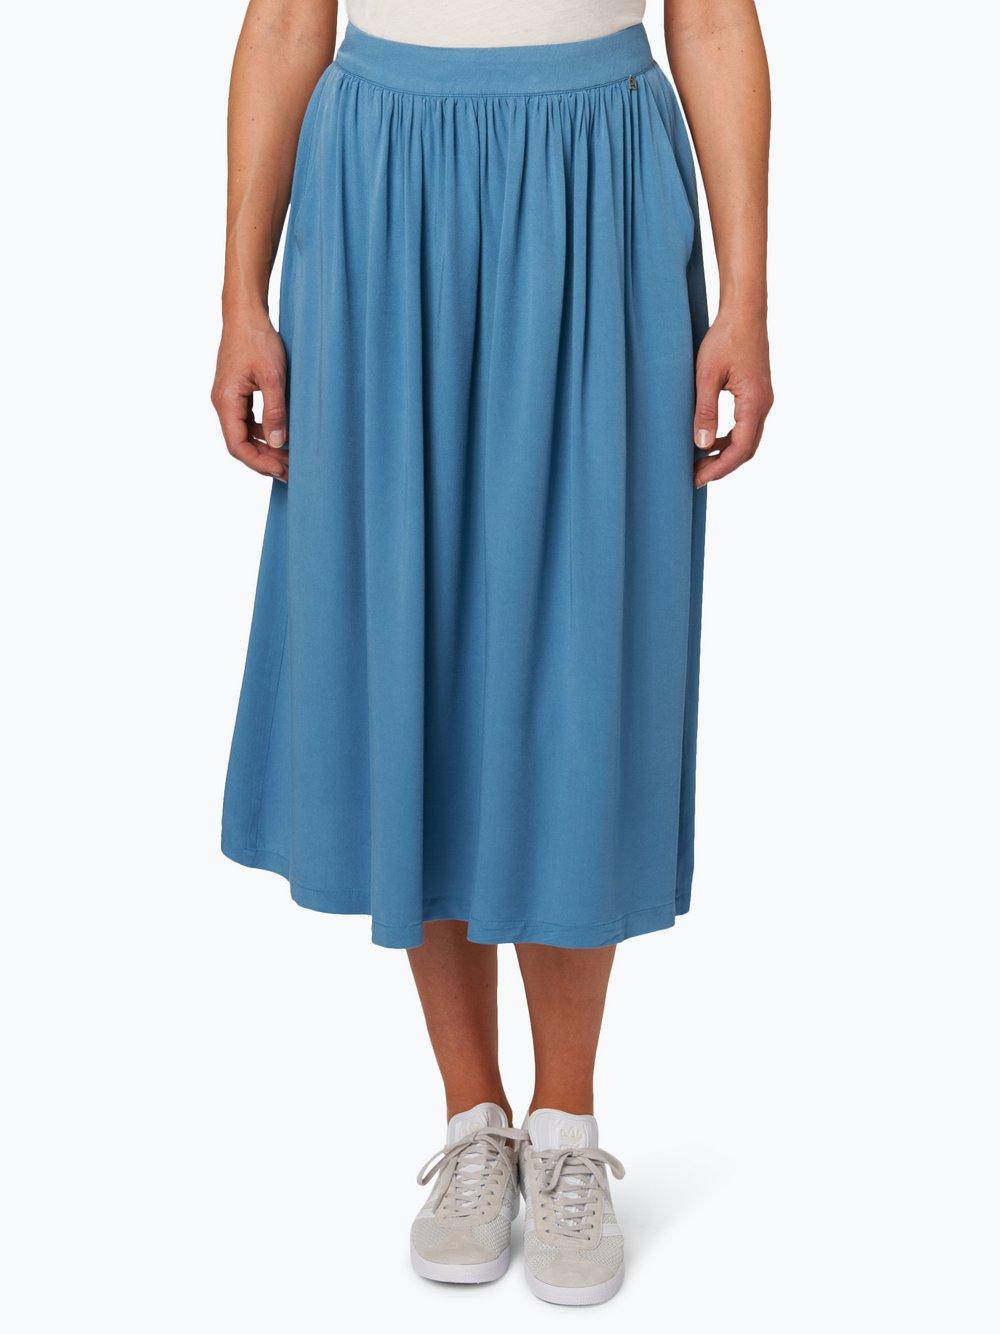 premium selection 4a5af 8c859 Pepe Jeans Damen Rock - Mulan online kaufen | VANGRAAF.COM